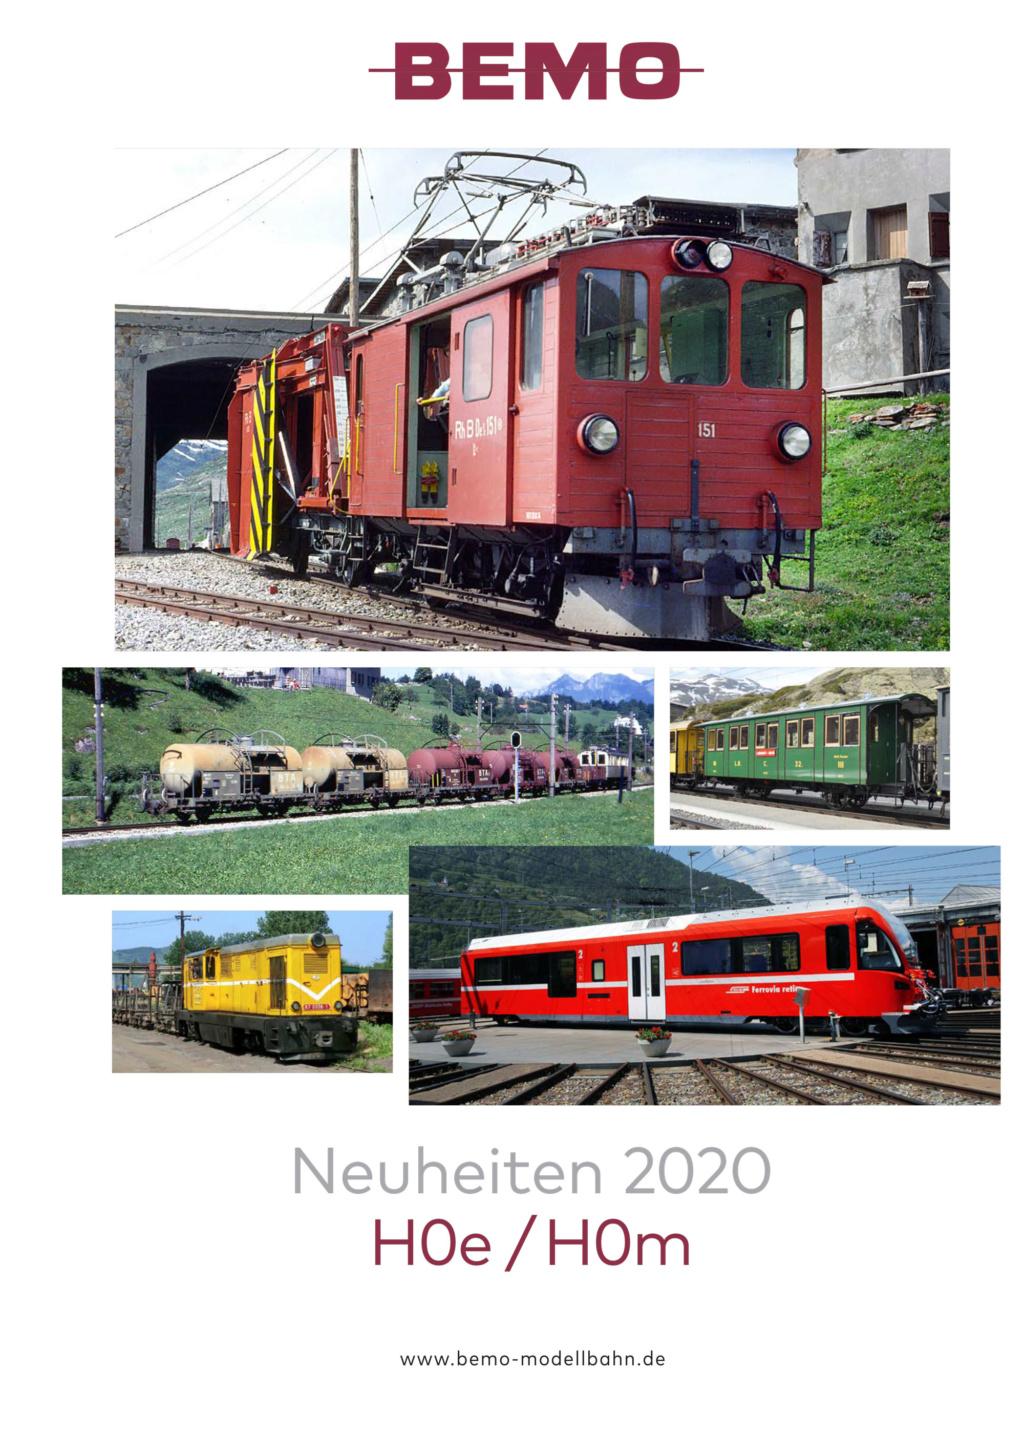 Nouveautés 2020 Bemo_n10